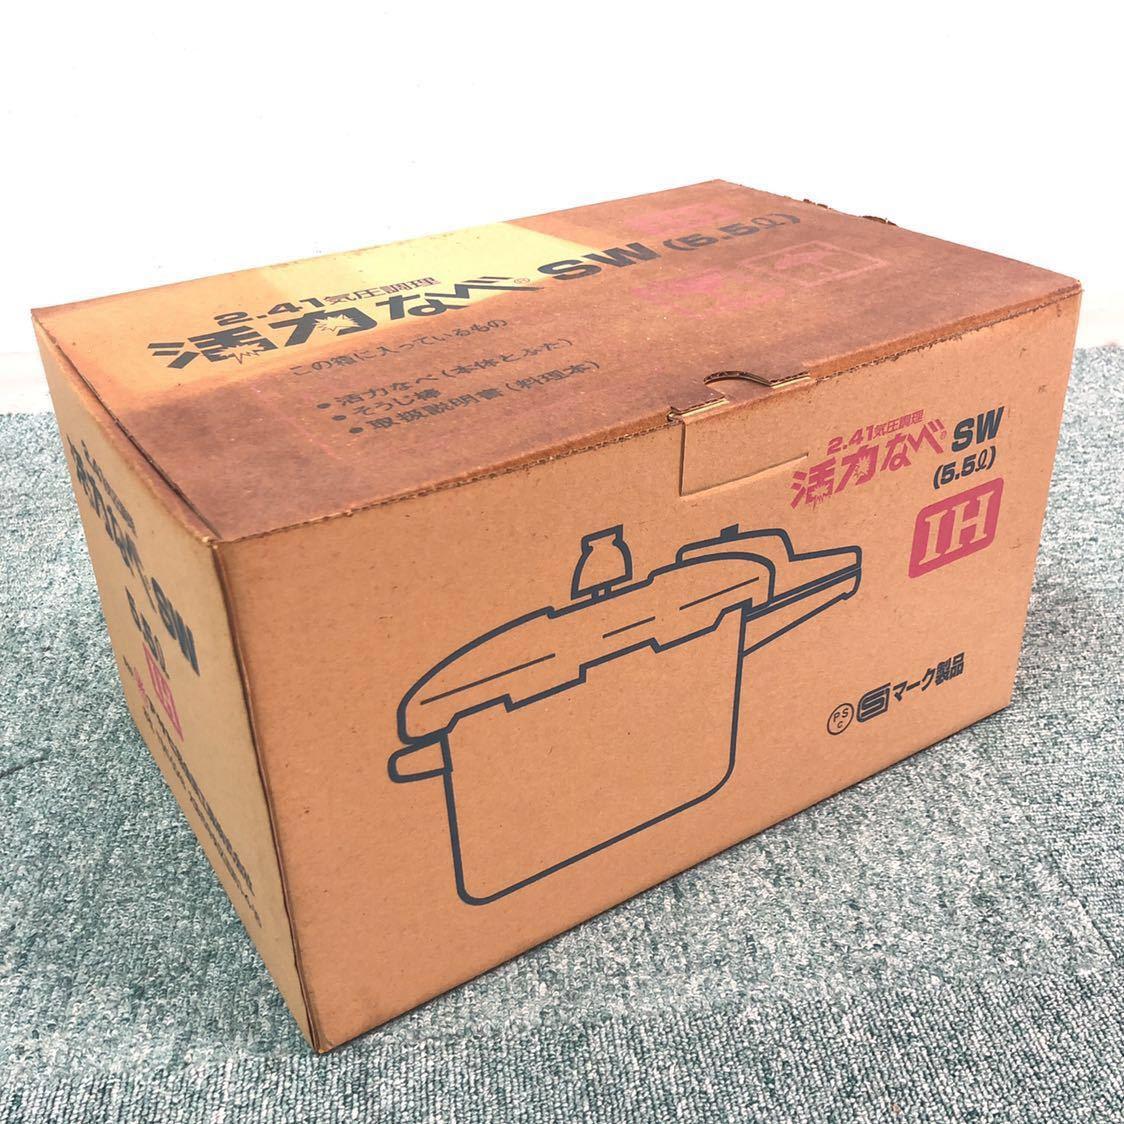 【未使用品】アサヒ軽金属 活力なべSW型(圧力なべ 圧力鍋) *5.5L IH対応 *本体 ふた オモリ 掃除棒 本付き*激安スタート